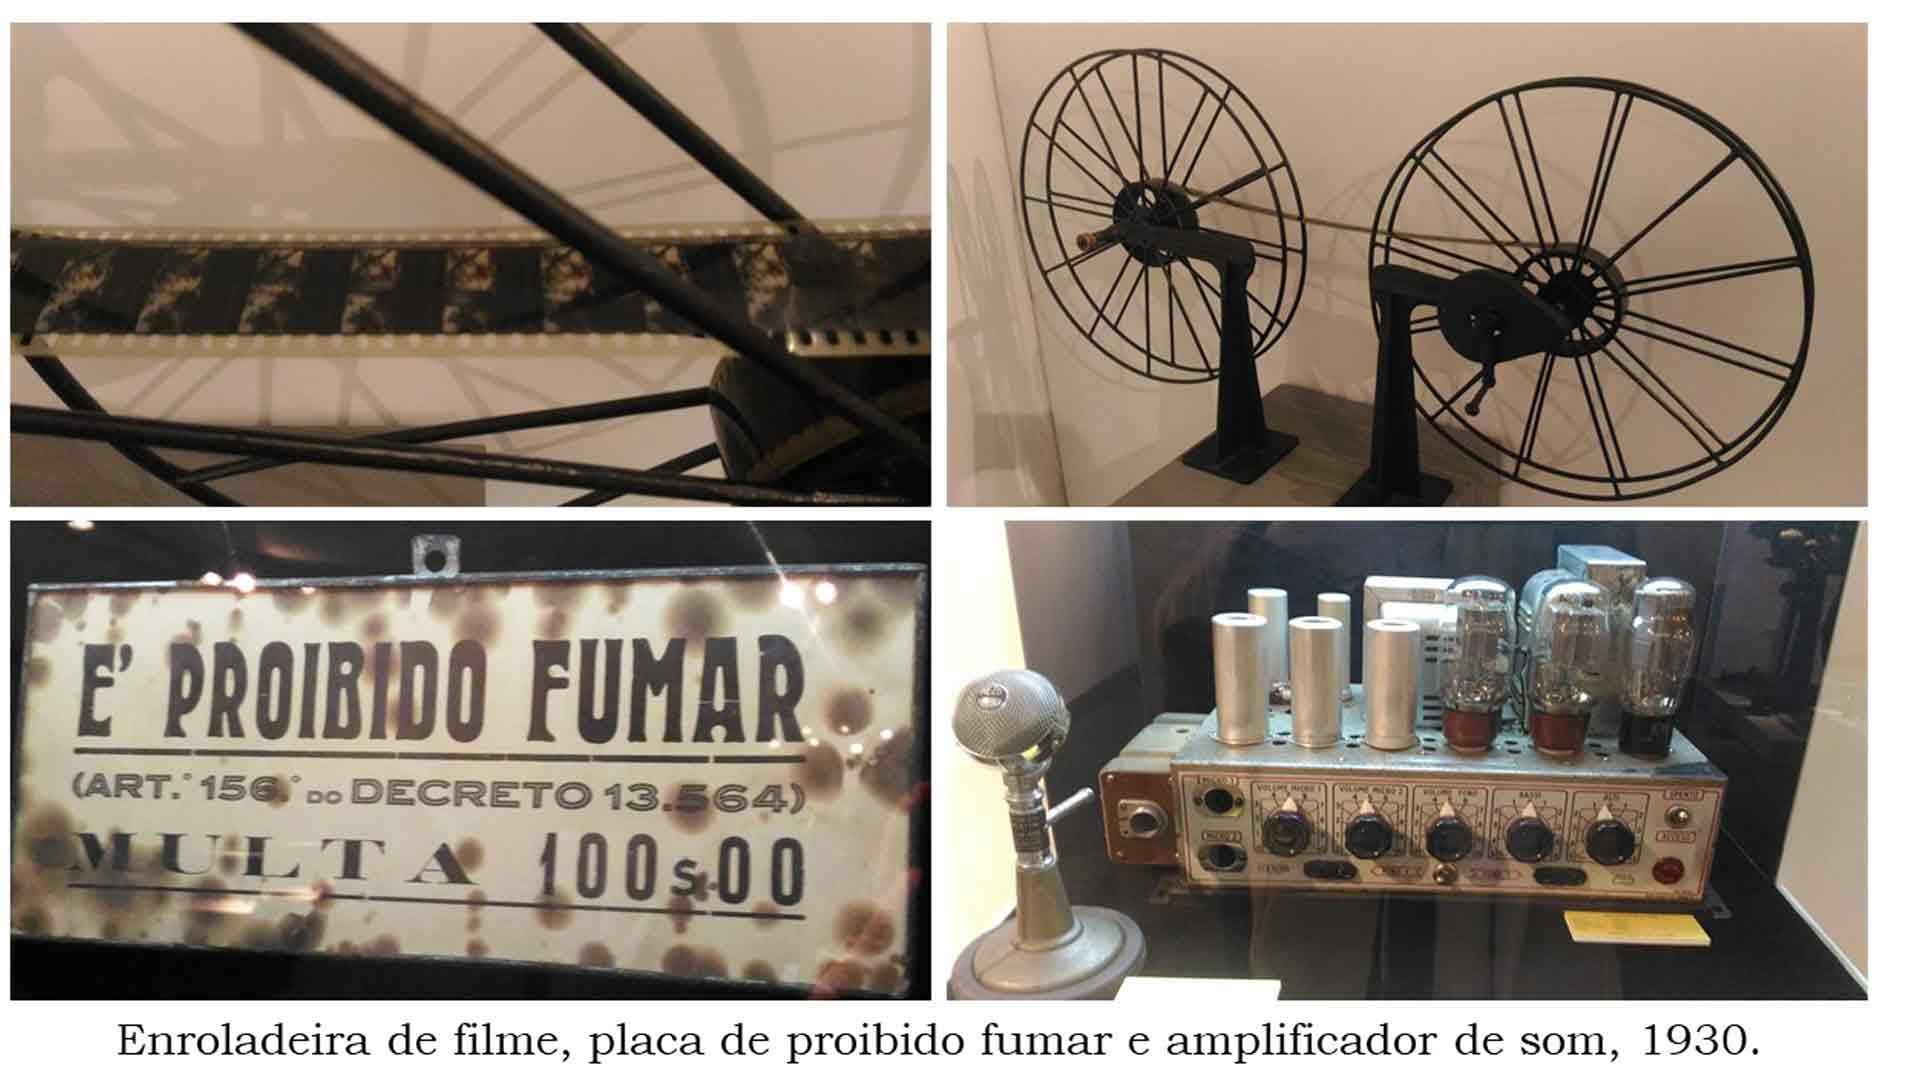 Acervo do Museu da Imagem e do Som de Vila Real